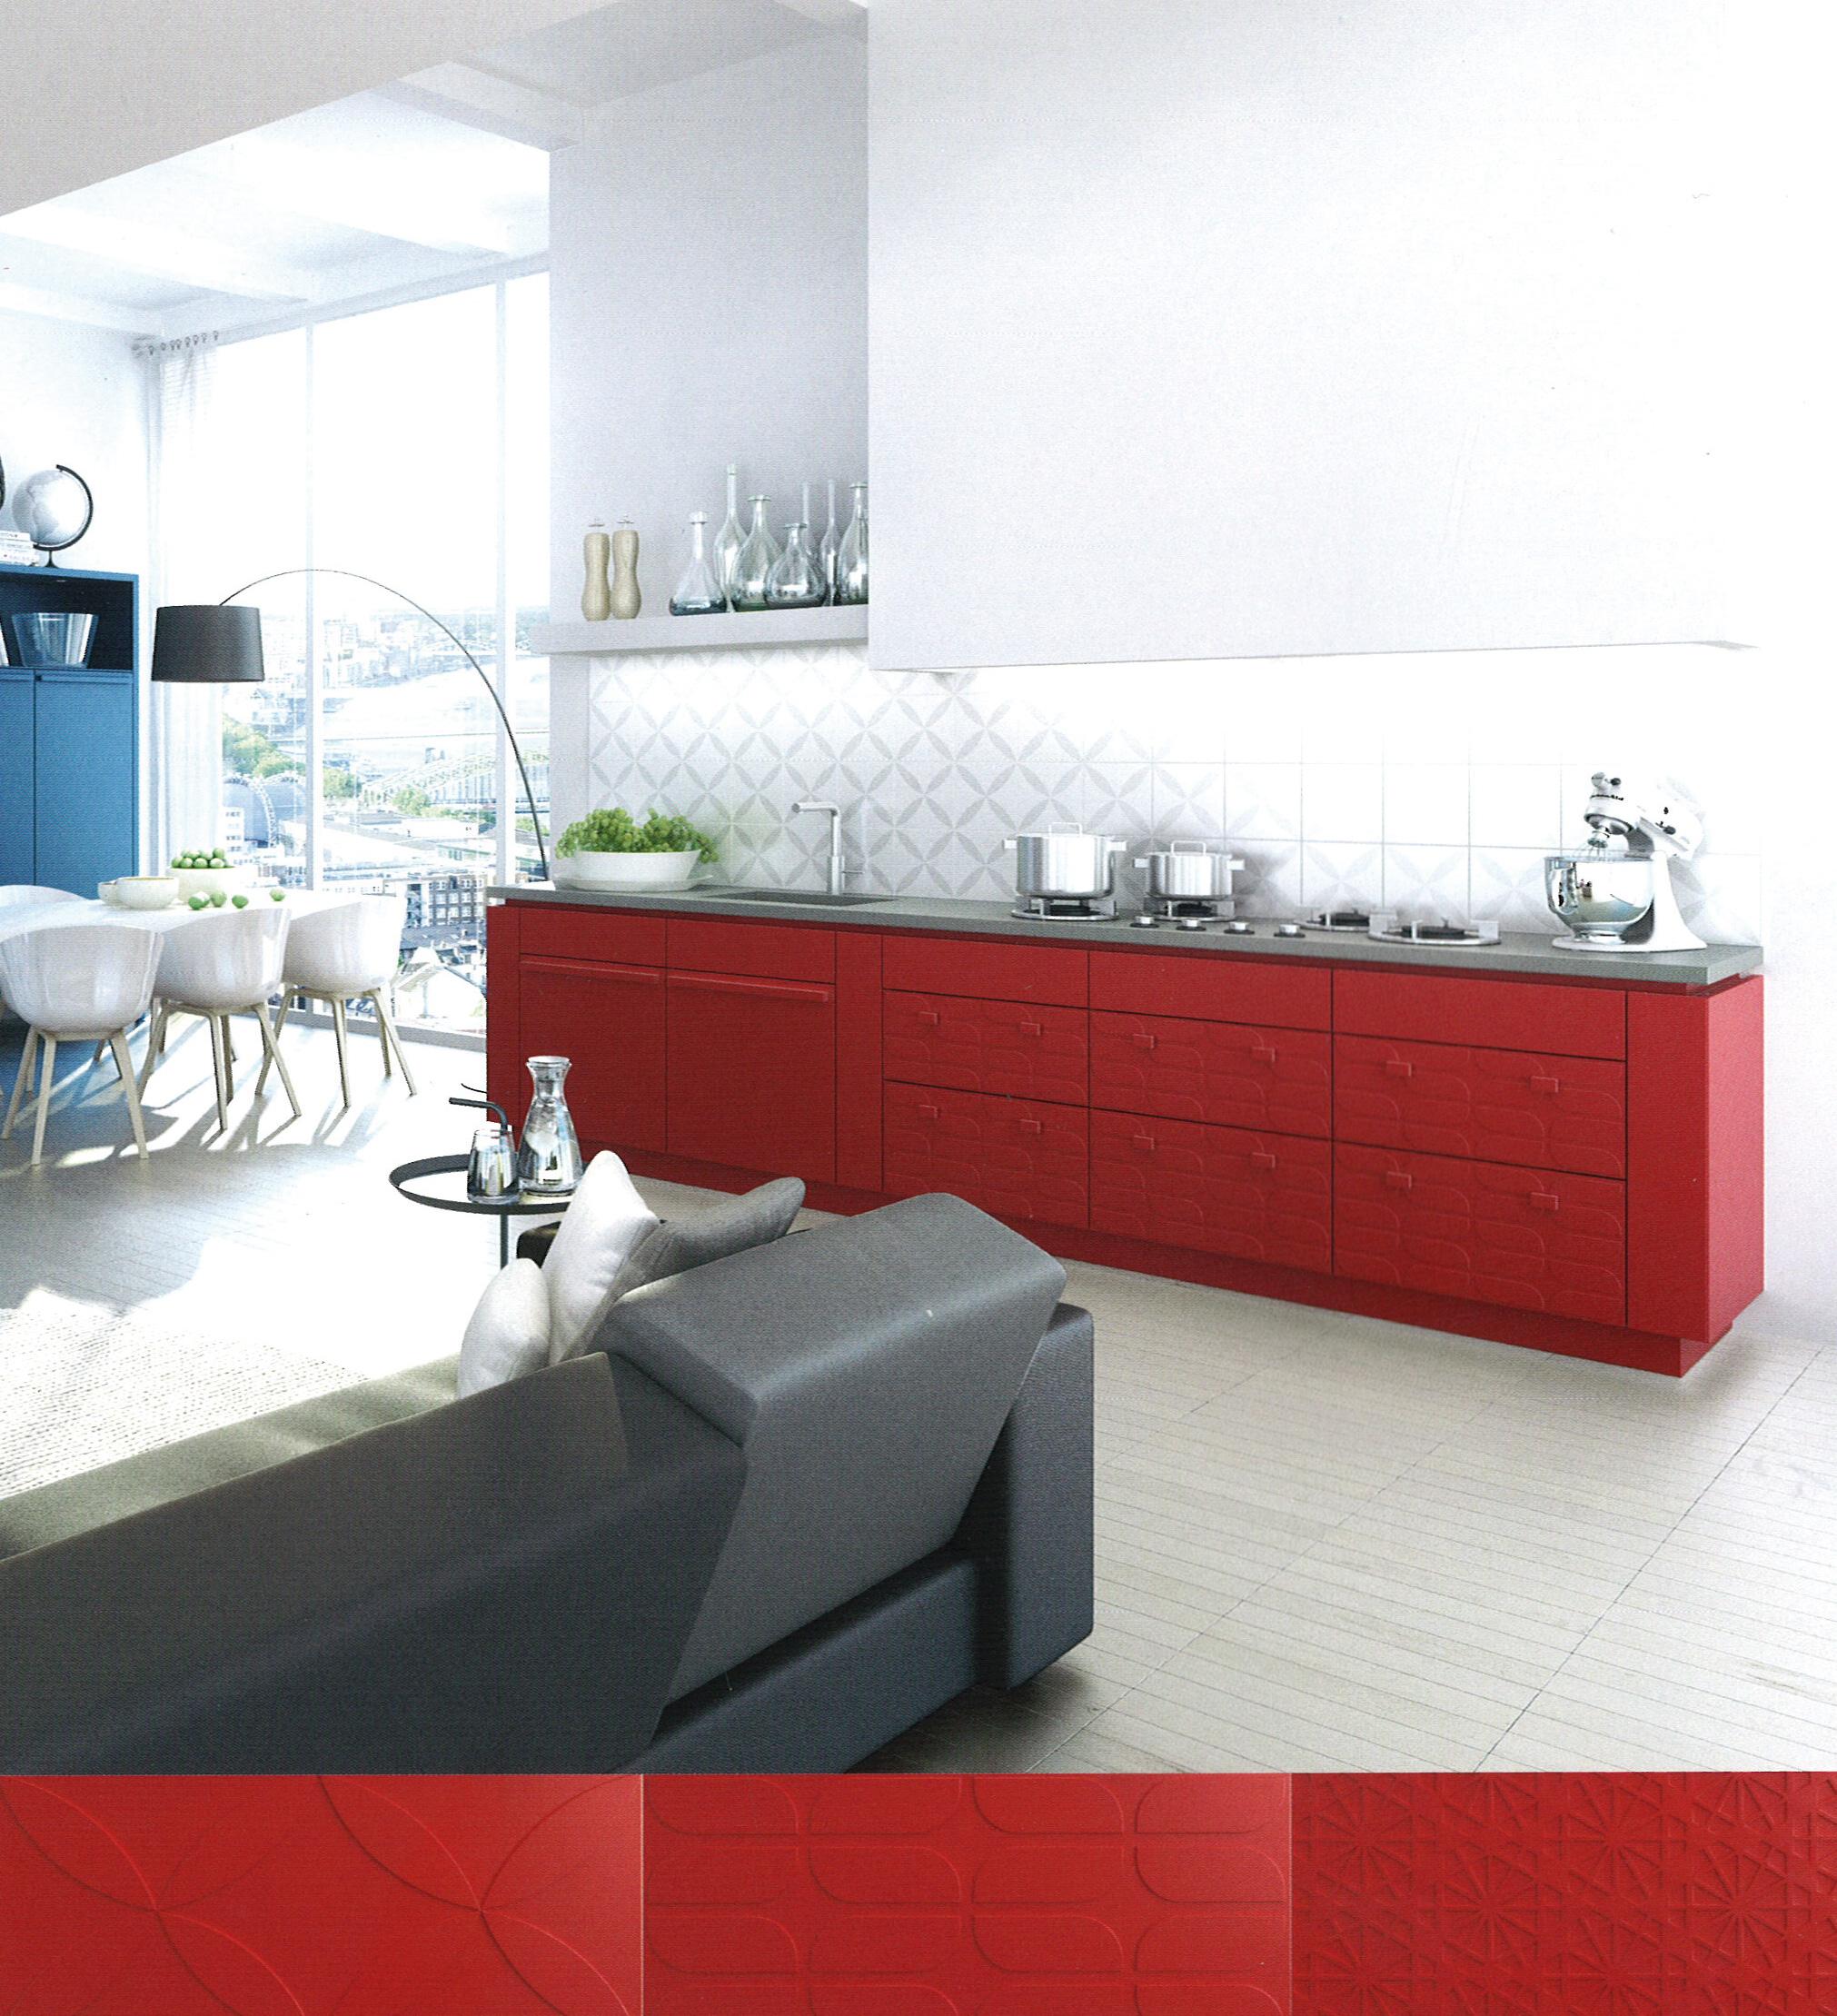 H cker sorprende con una cocina con frentes realizados en for Cocinas de cemento y ceramica